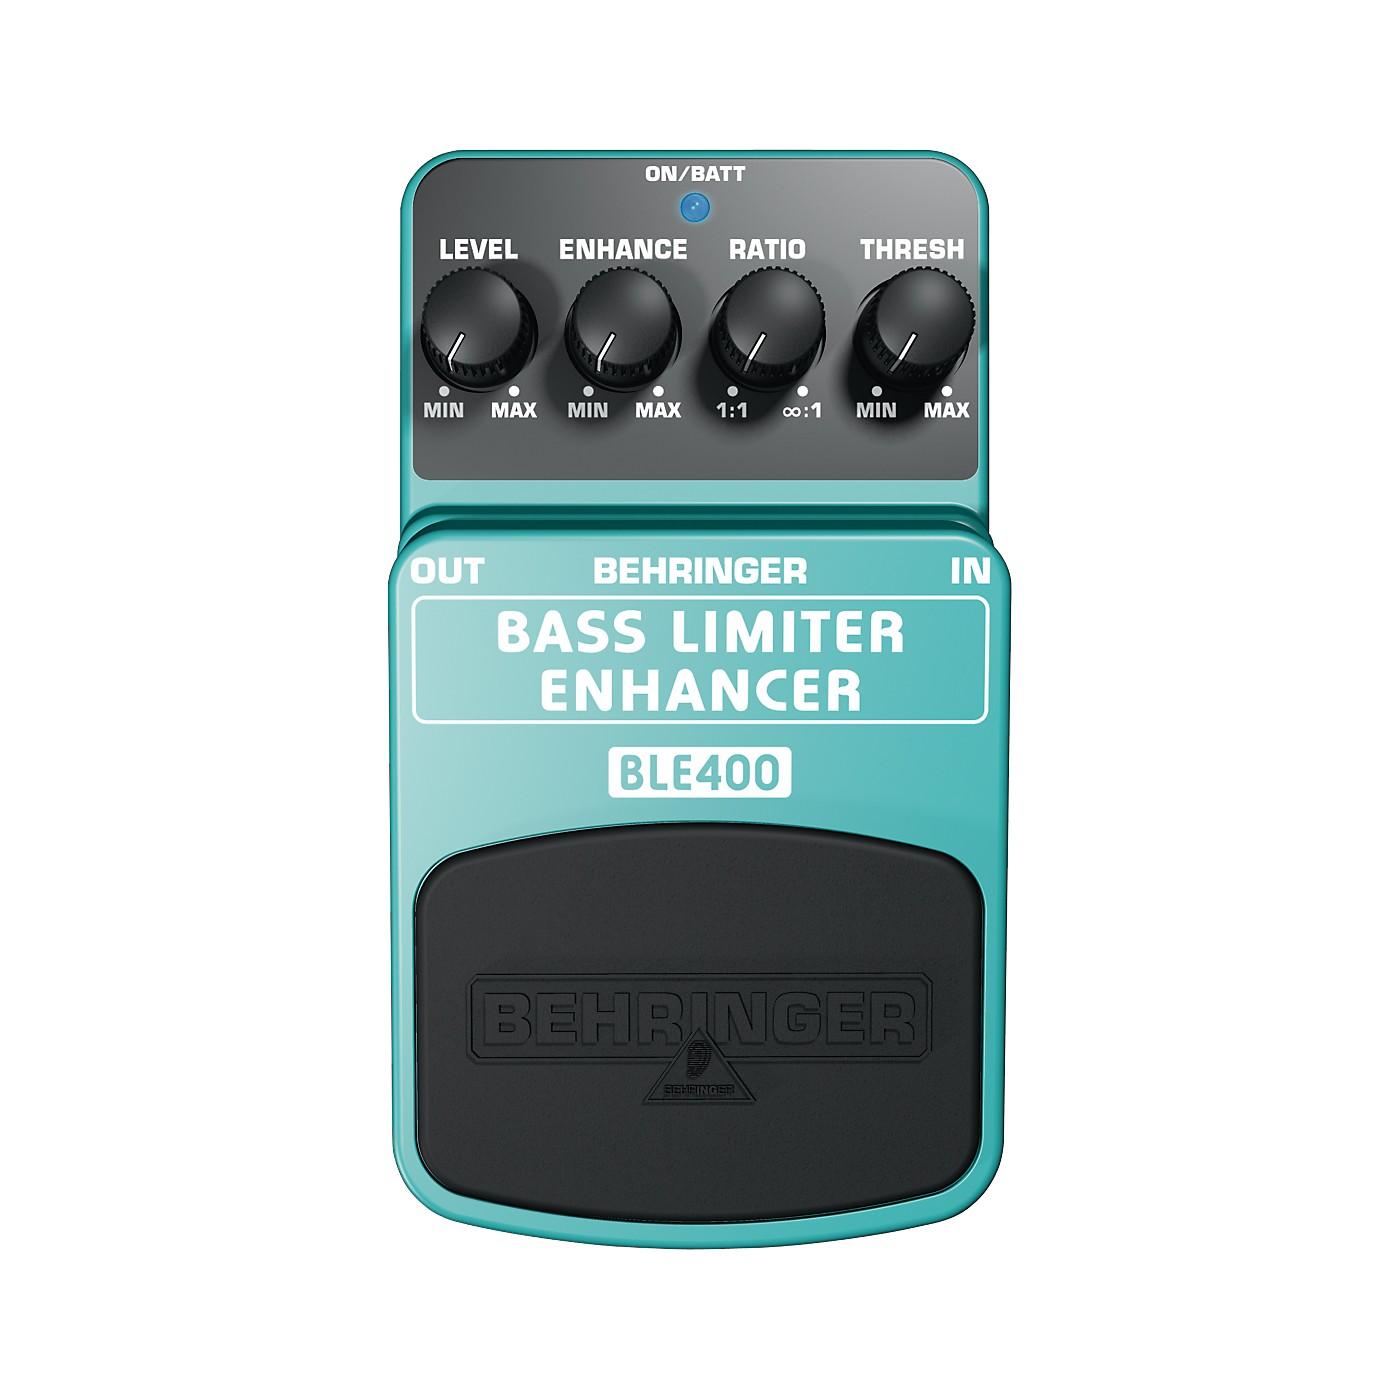 Behringer Bass Limiter Enhancer BLE400 Bass Effects Pedal thumbnail